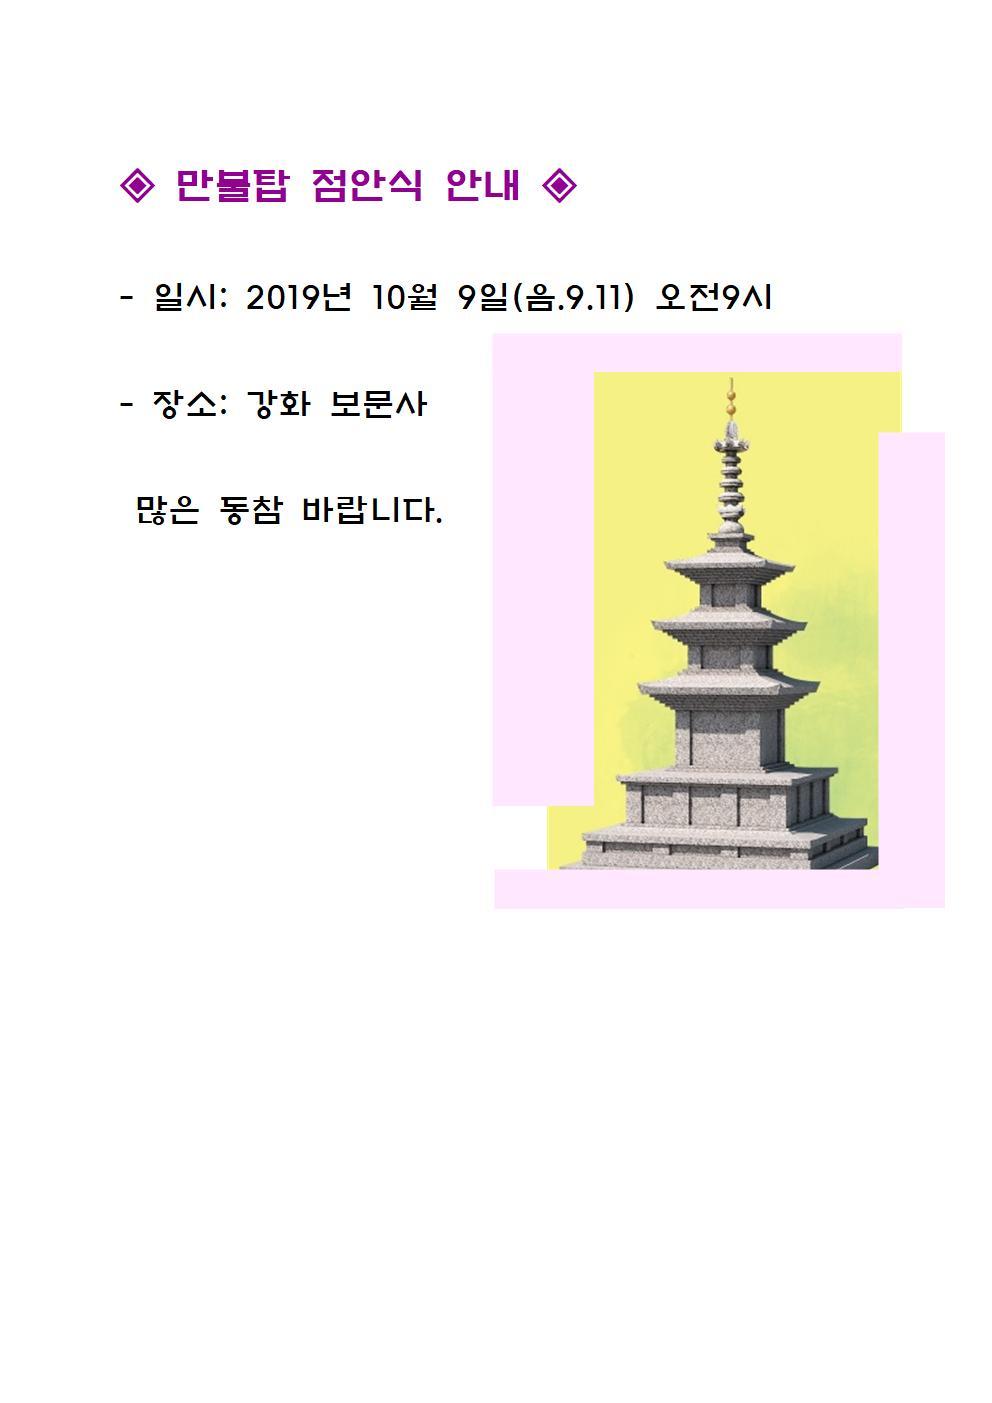 ◈ 만불탑 점안식 안내 ◈001.jpg